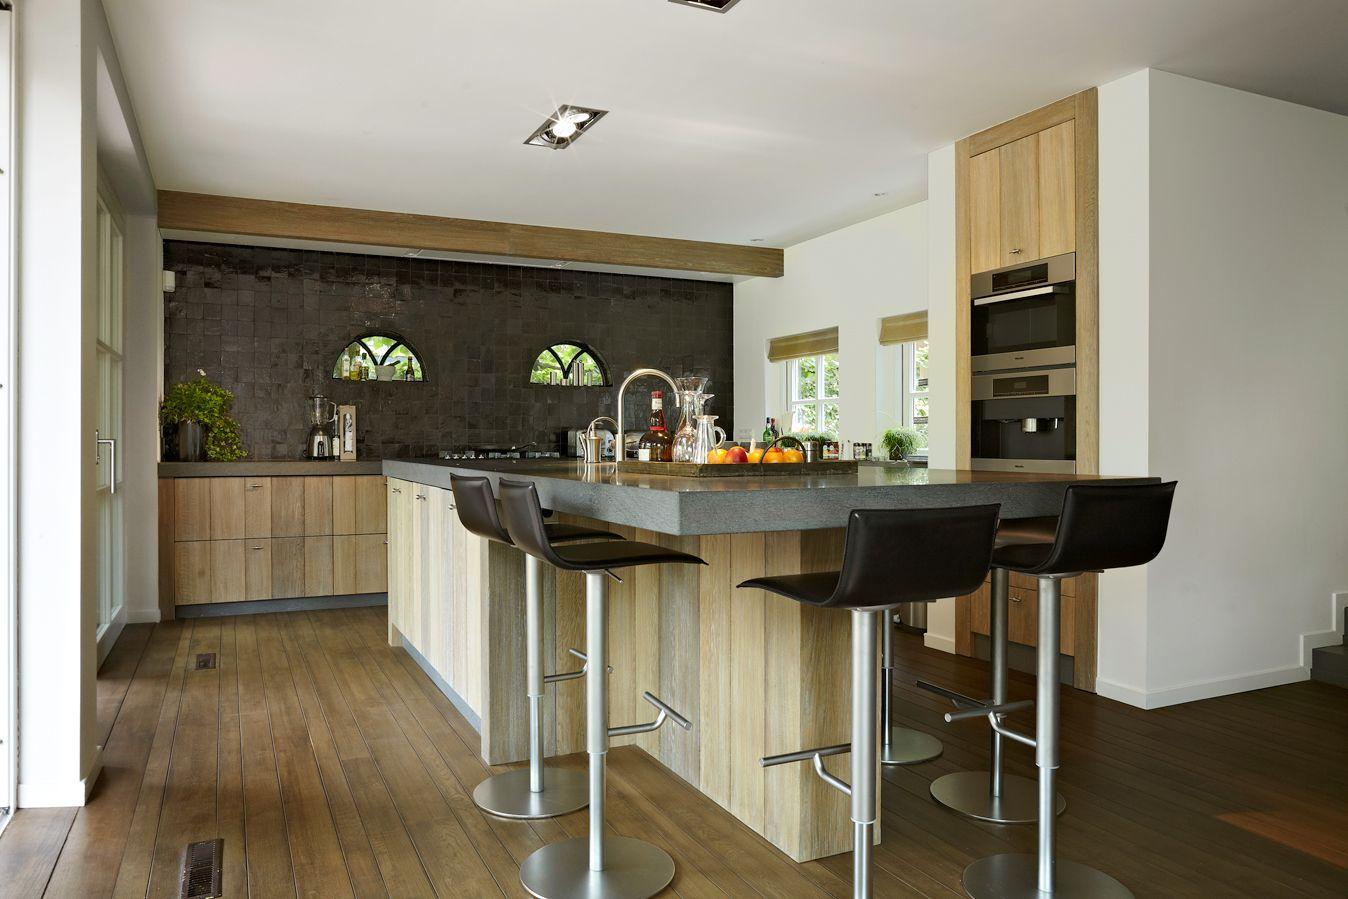 Geweldige houten keuken met kookeiland heel mooi met de warme vloerkleur kitchen keuken - Heel mooi ingerichte keuken ...